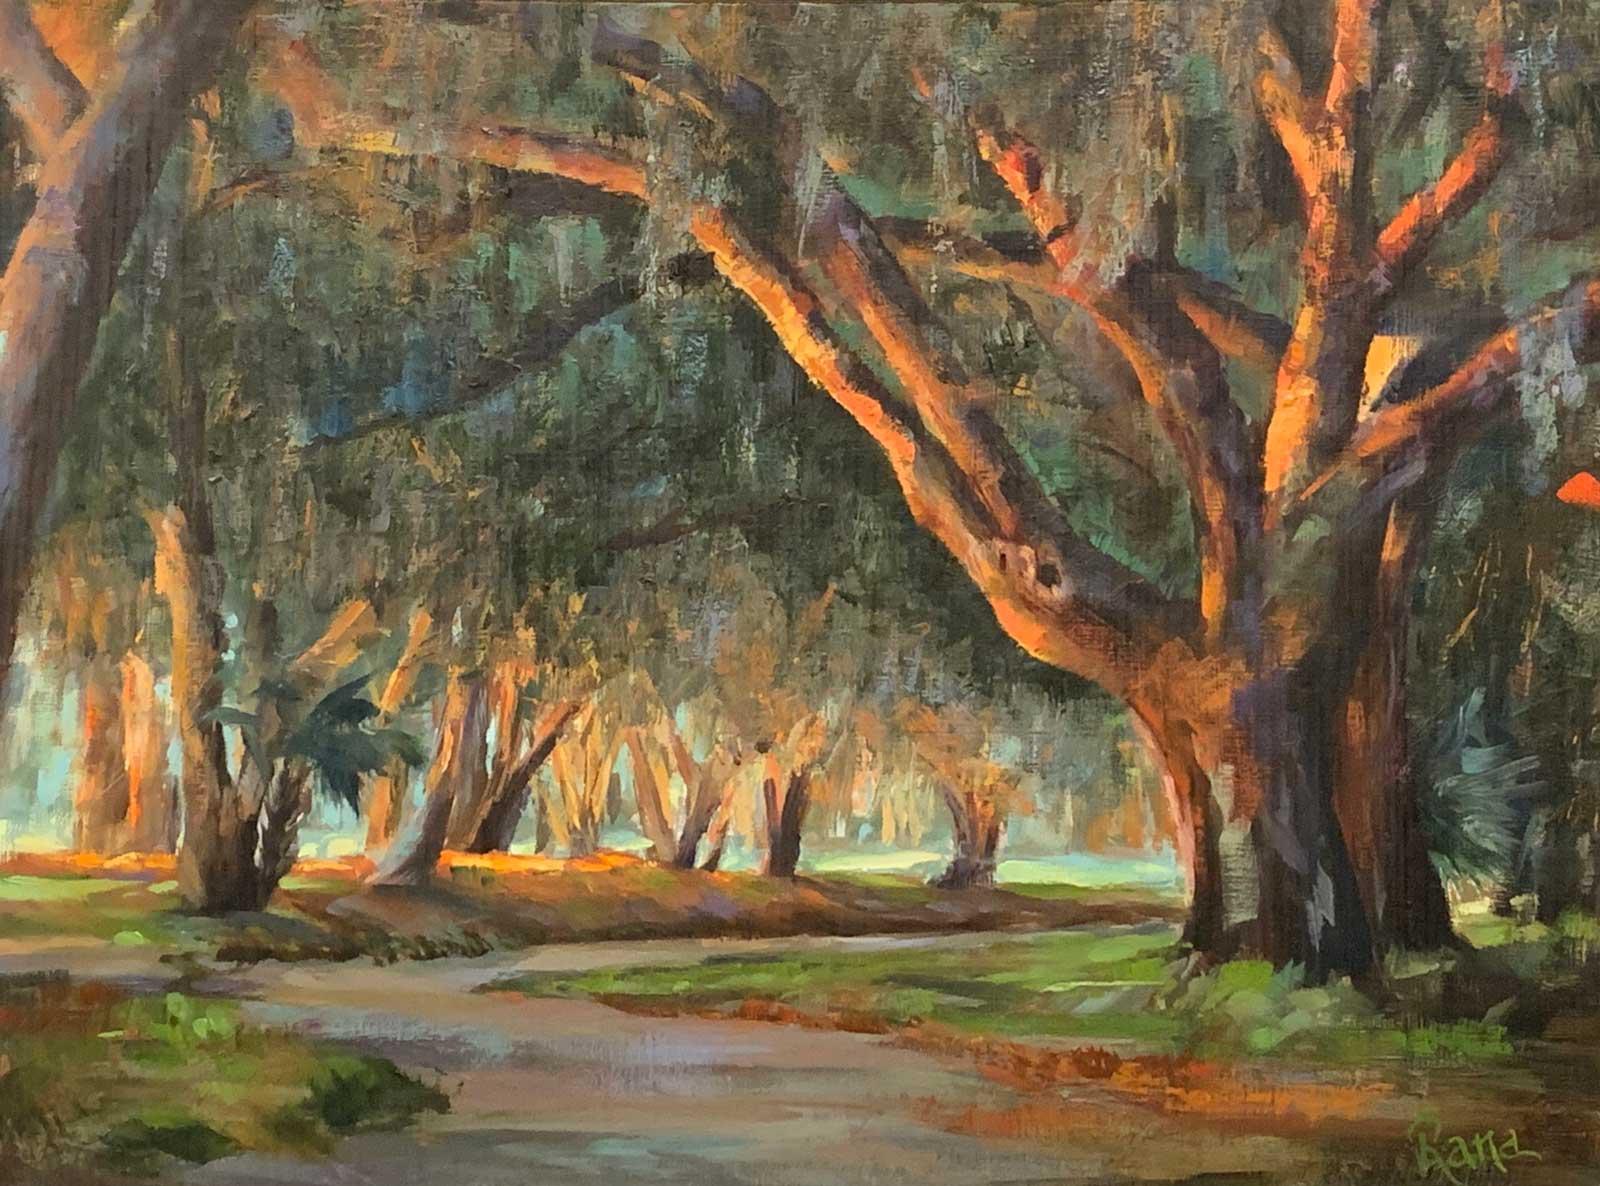 Rana Jordahl, Sunlit Oaks of the Lowcountry, 16x20 Oil on board